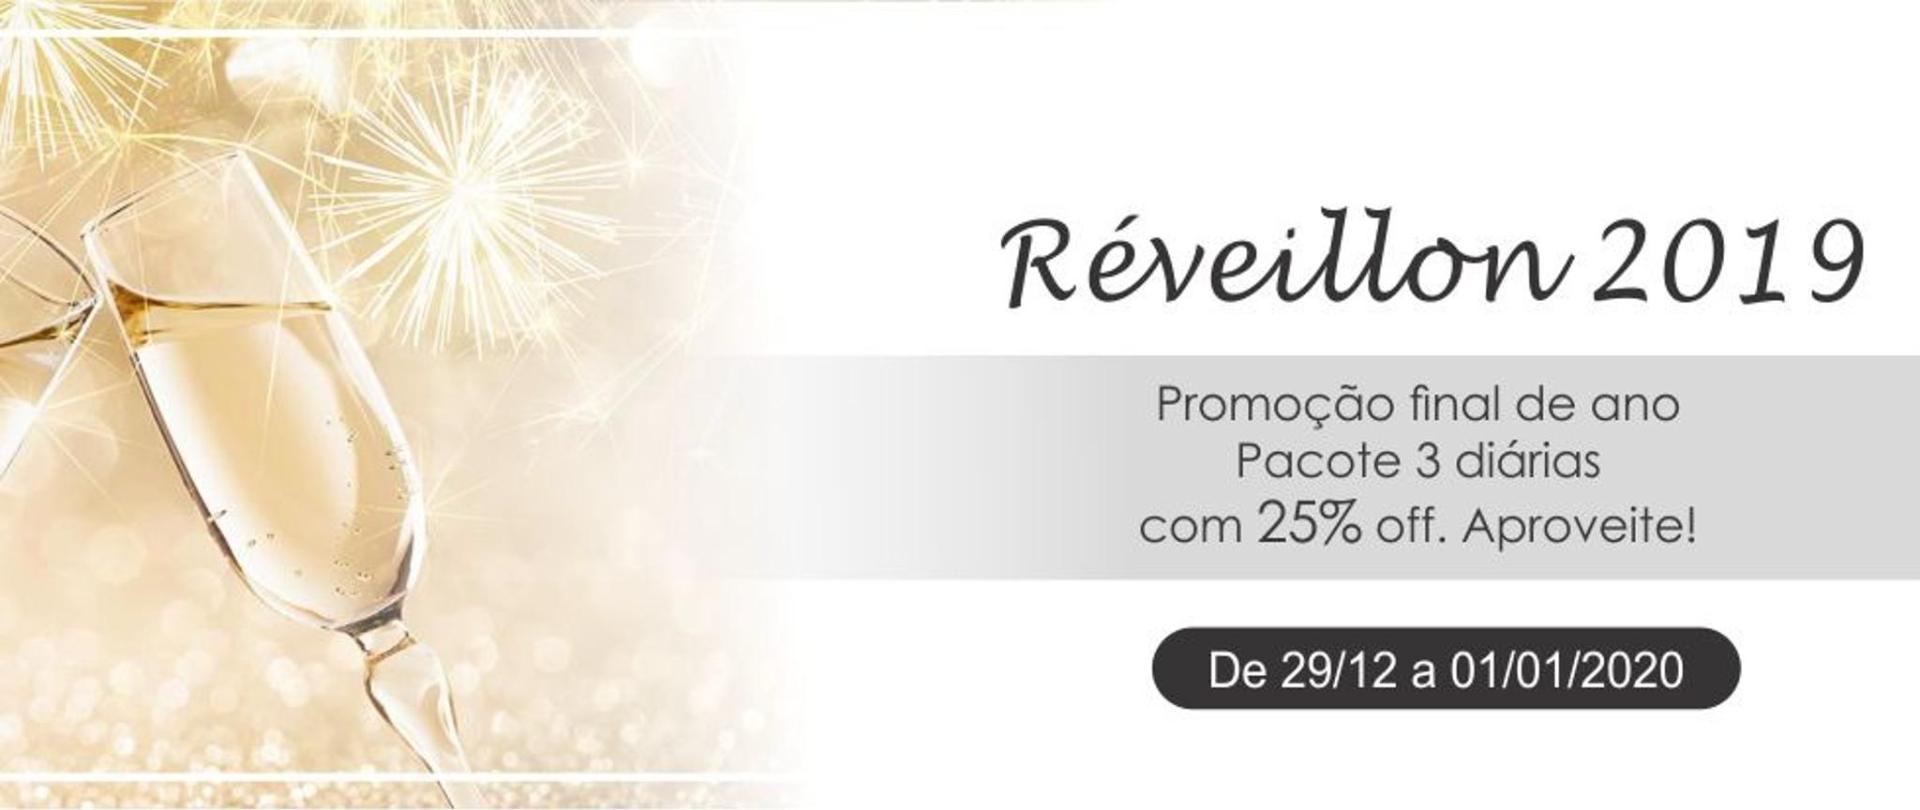 Promocao 2019 Reveillon 25%2.jpg